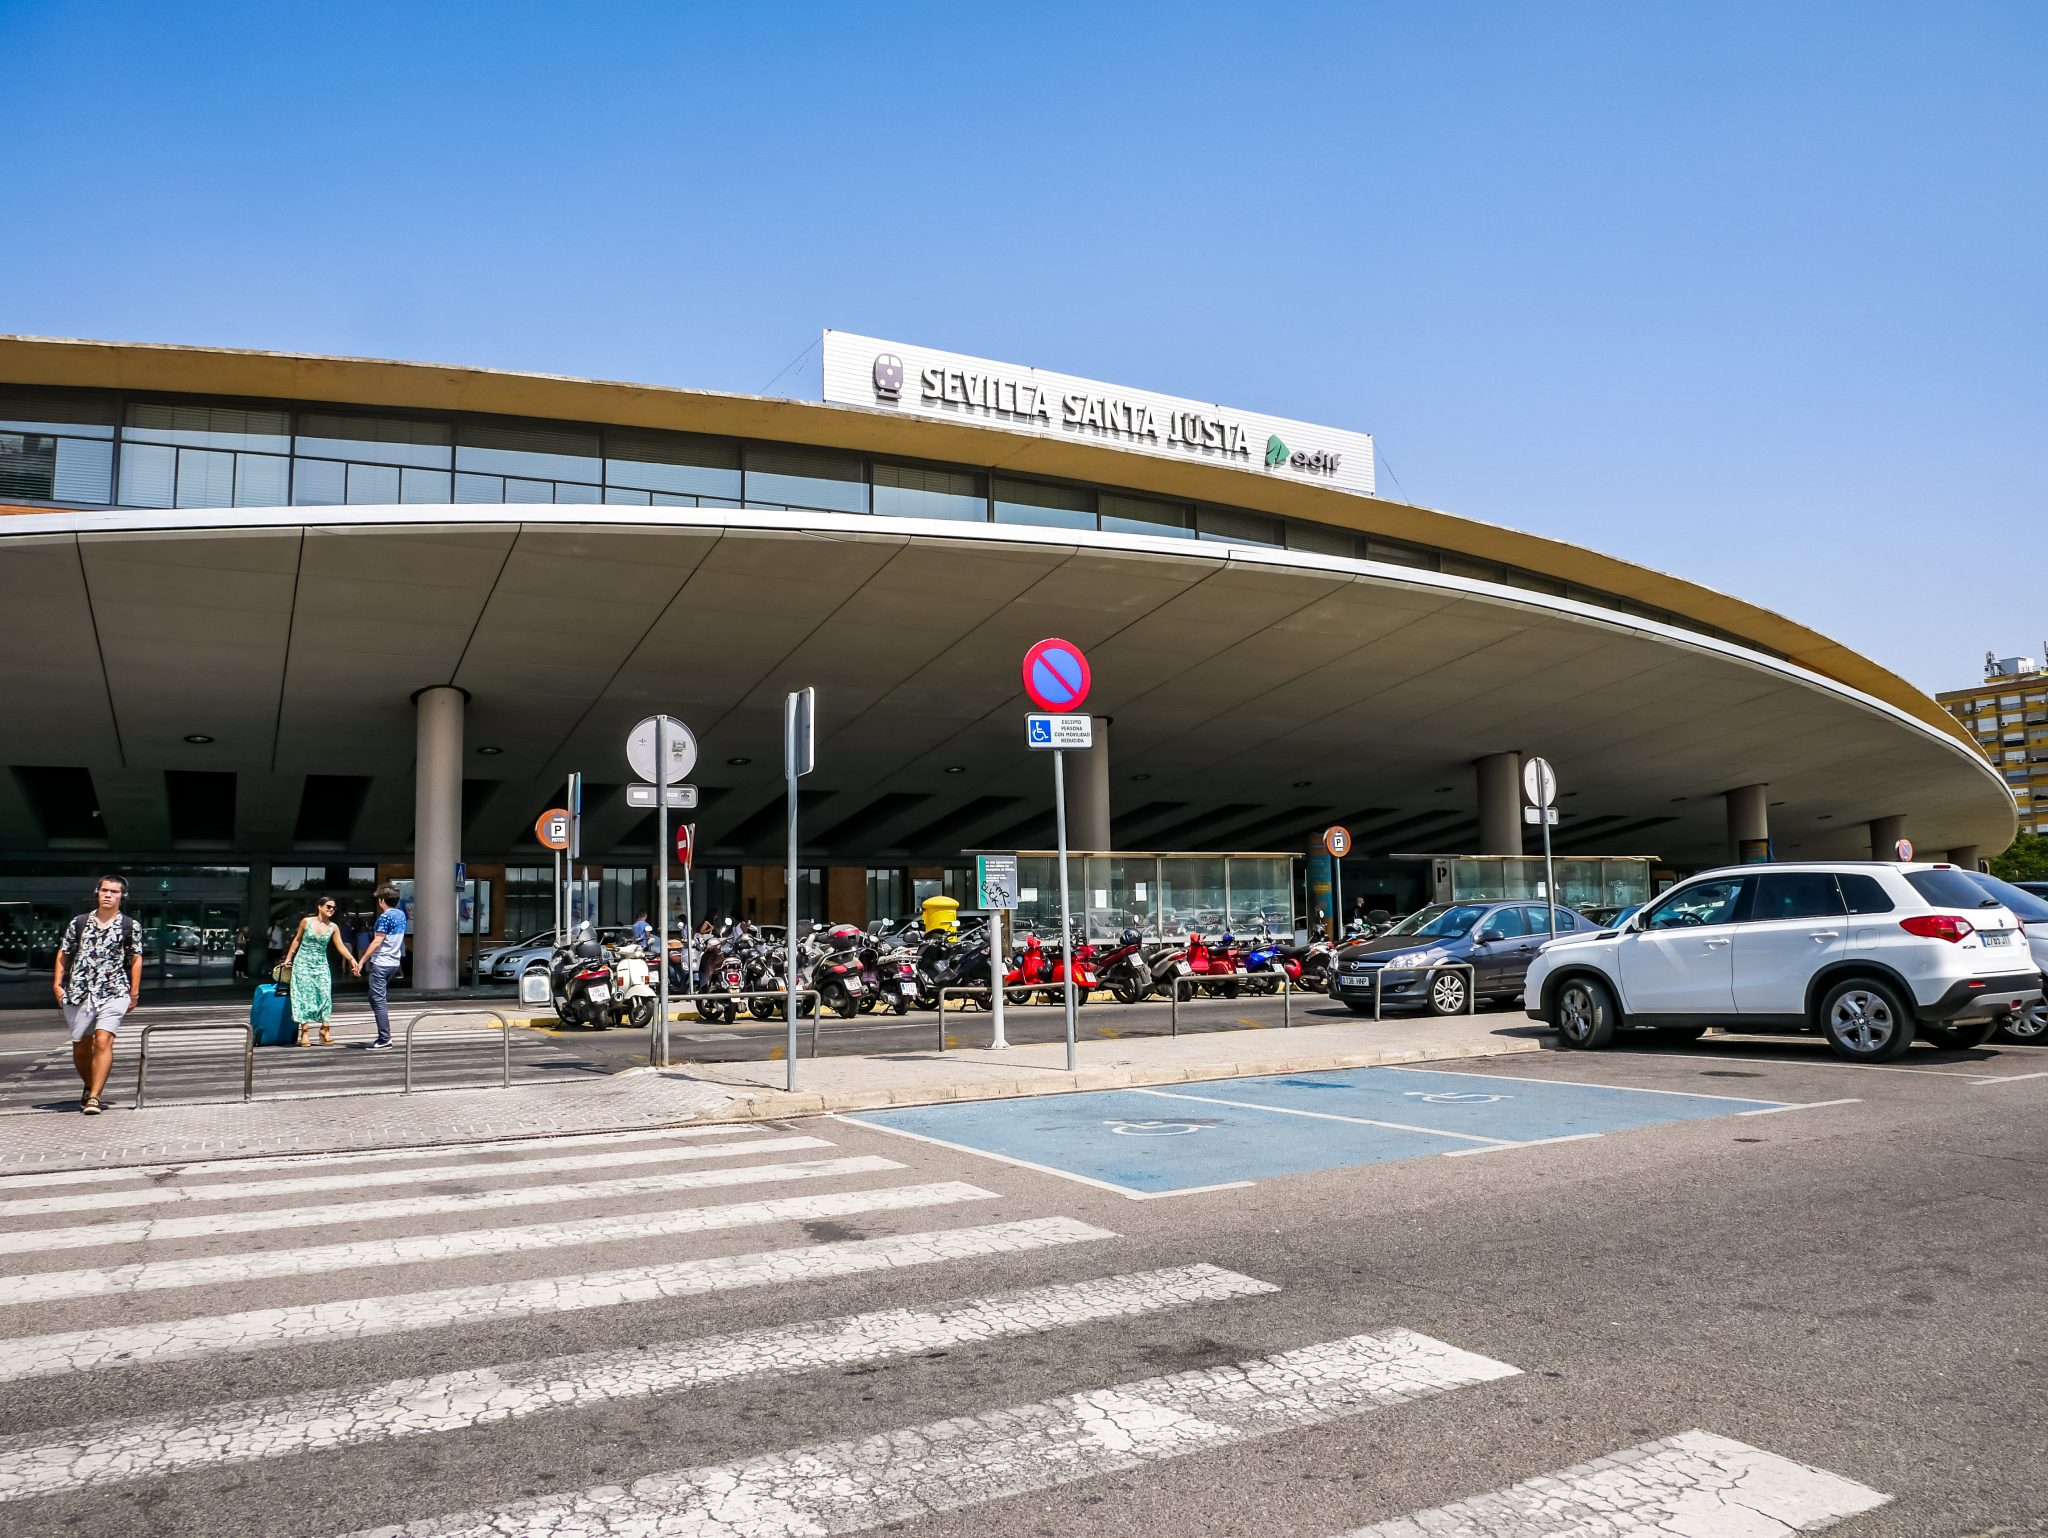 """So sieht Sevillas Hauptbahnhof """"Santa Justa"""" von außen aus."""